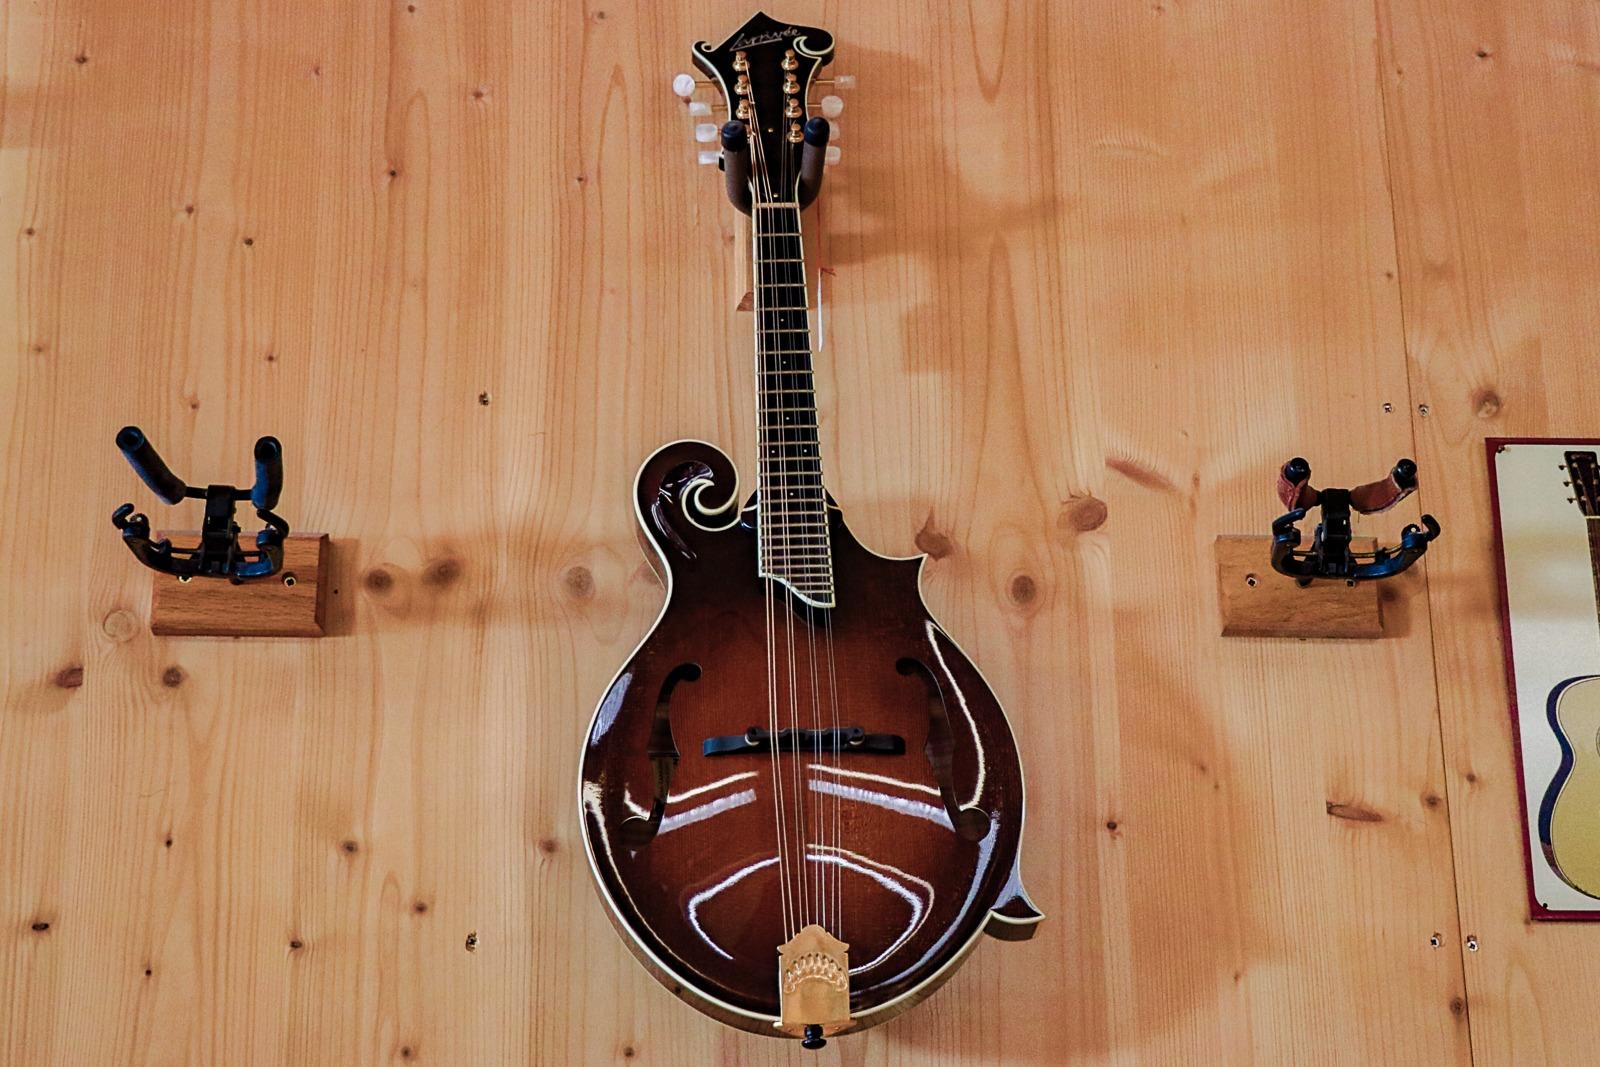 Hier sehen sie eine Larriveé Mandoline